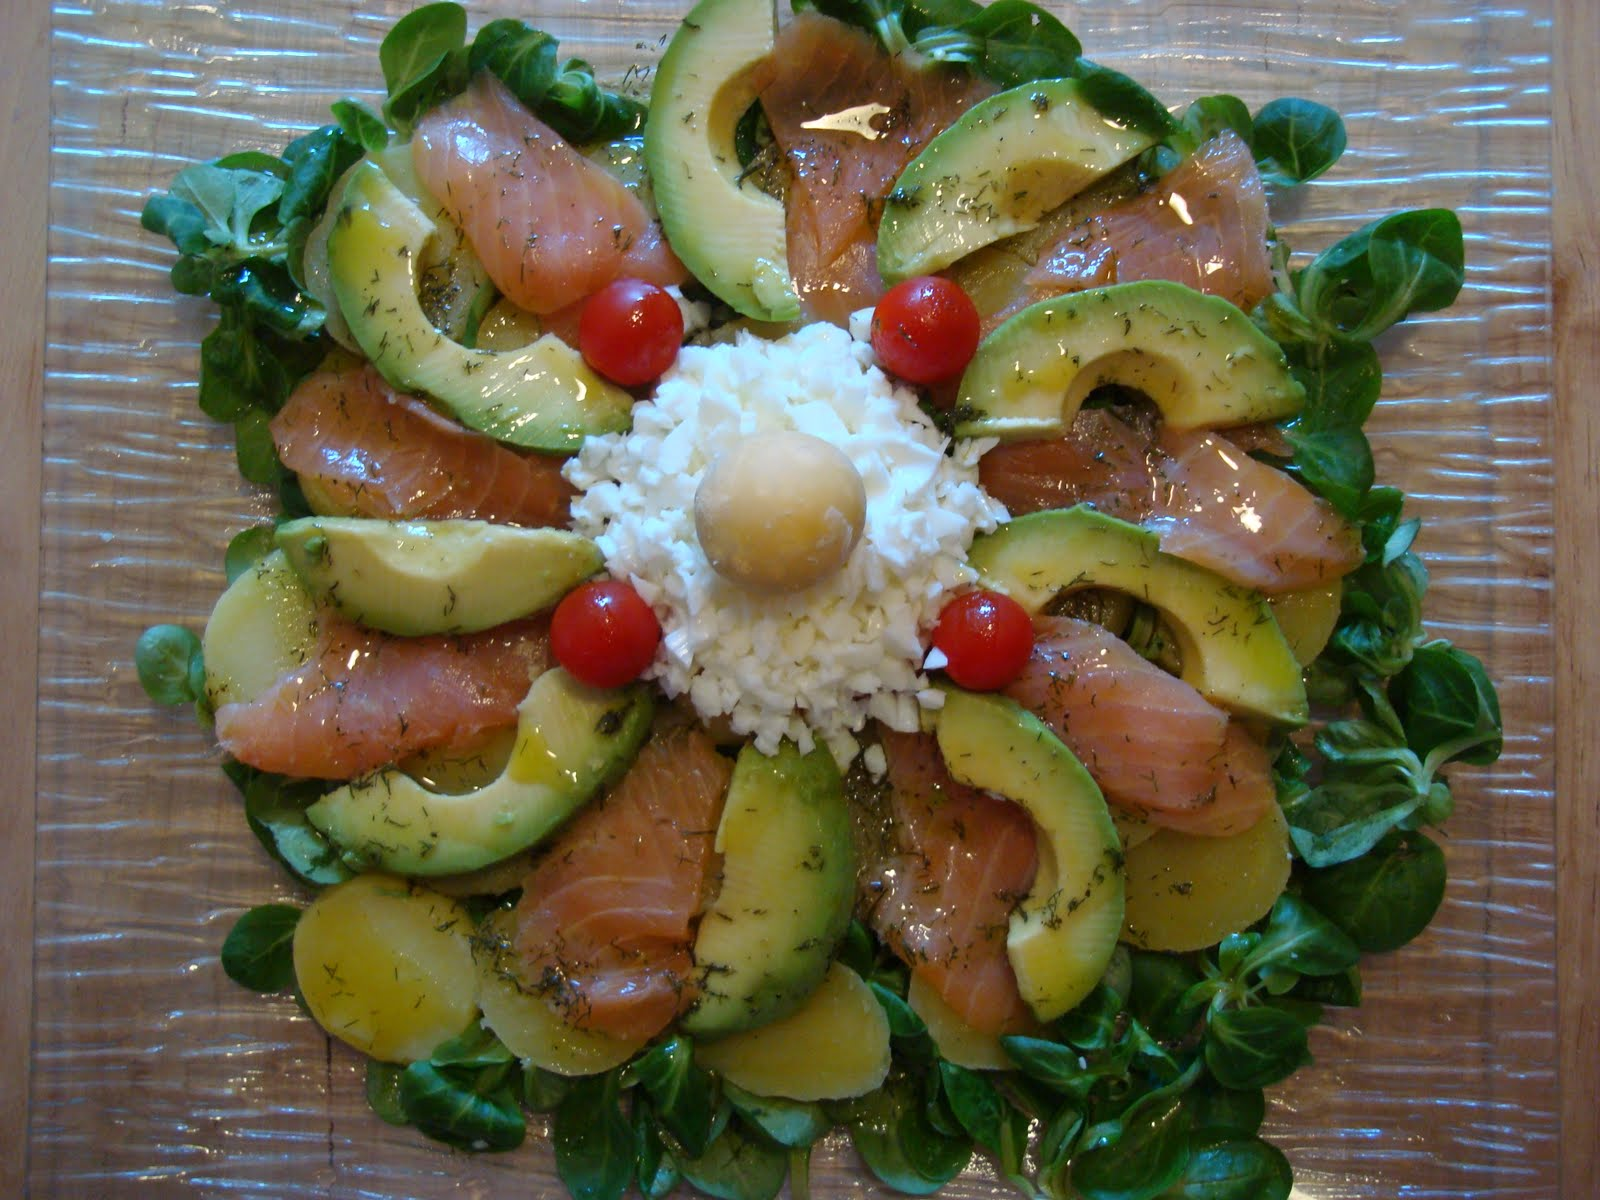 A la mesa y rico ensalada de patata salm n y aguacate - Ensalada con salmon y aguacate ...